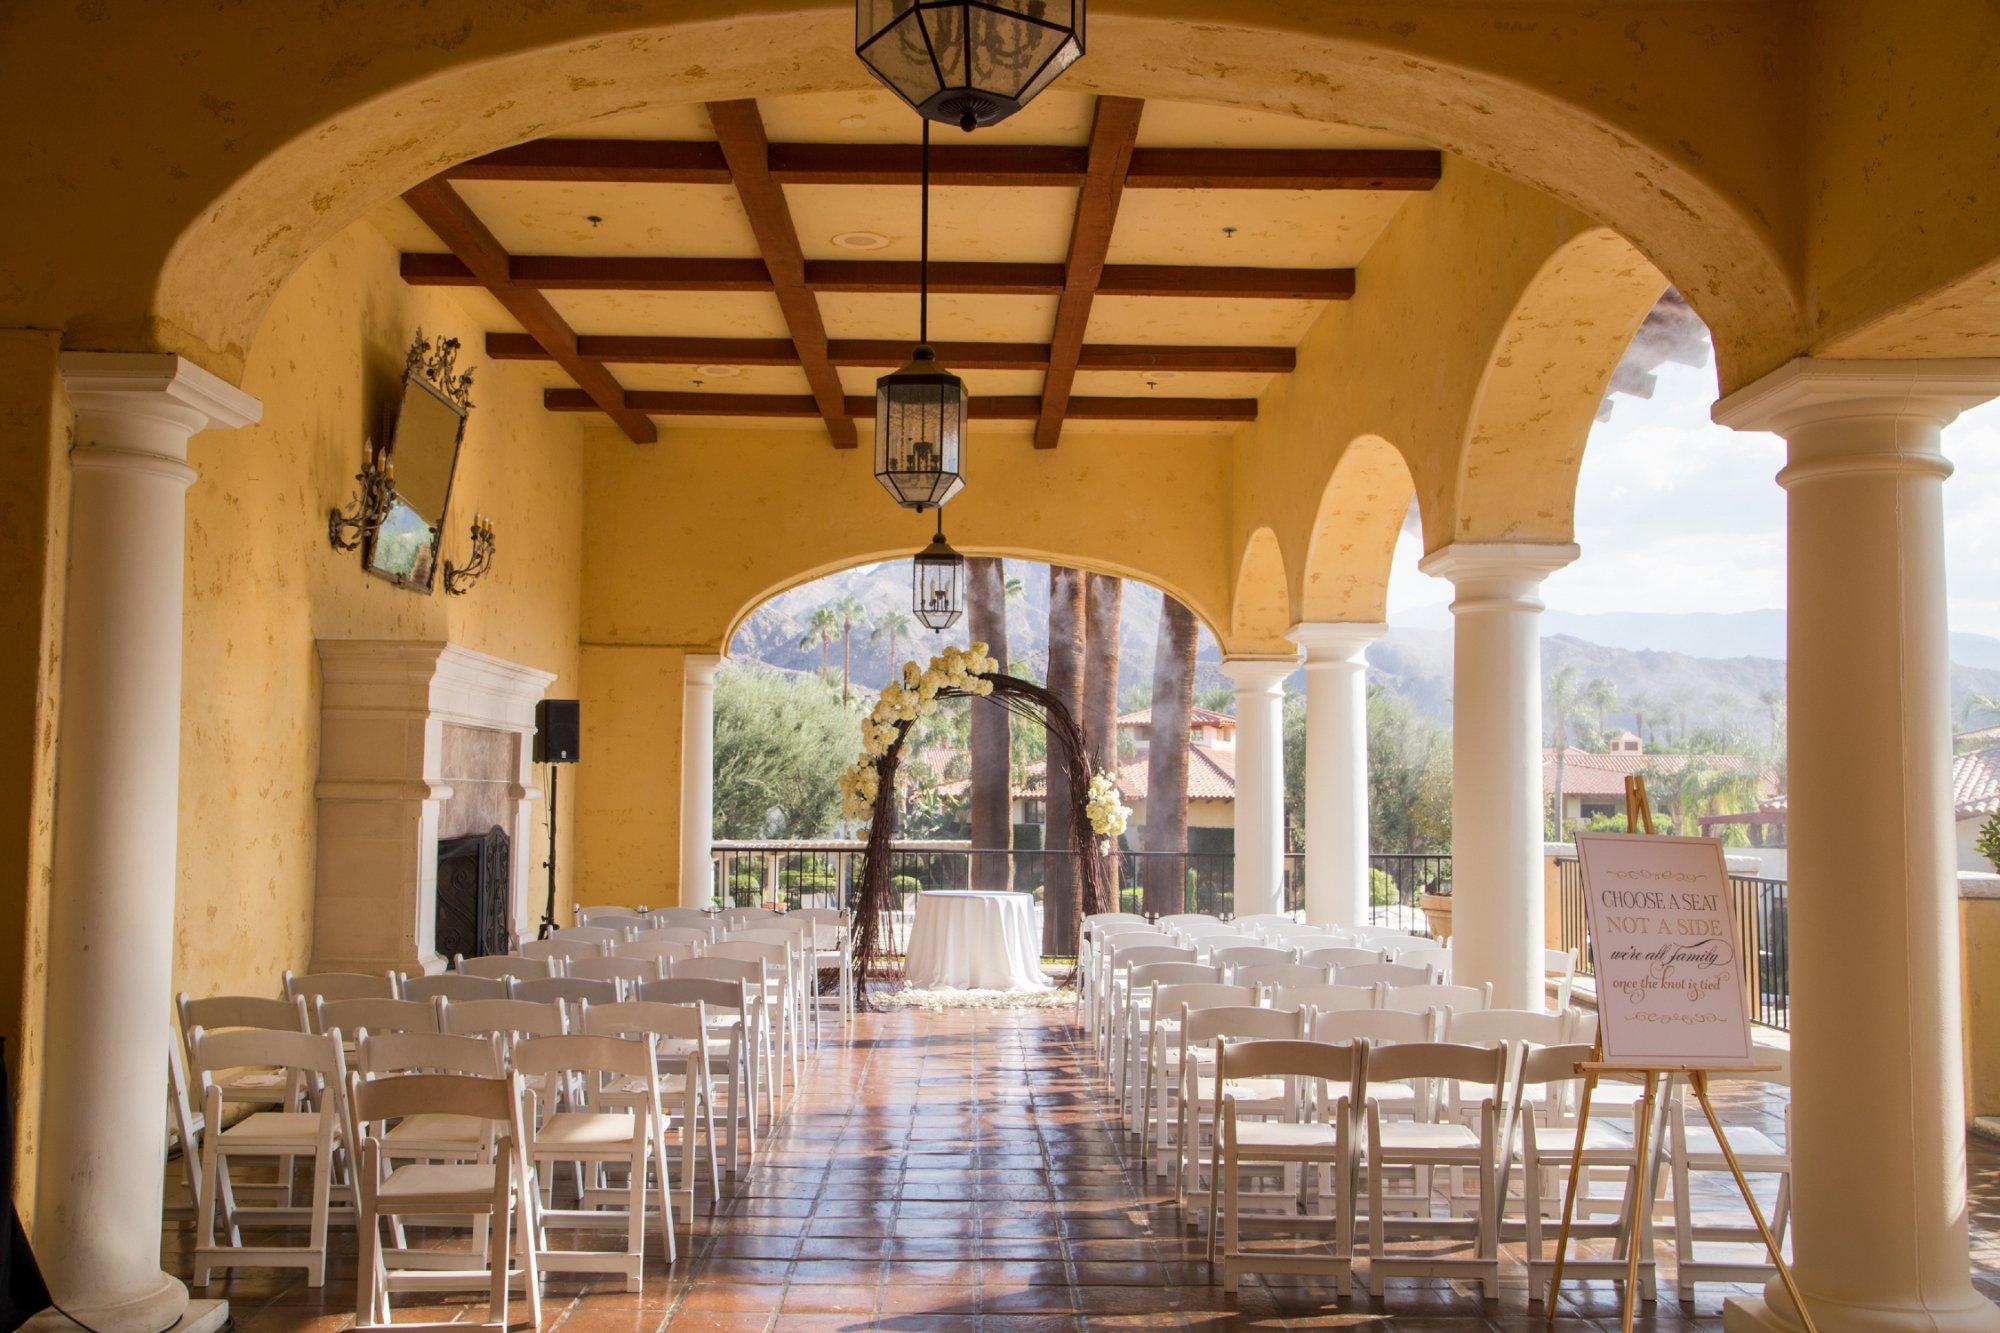 Miramont resort CA desination.jpg